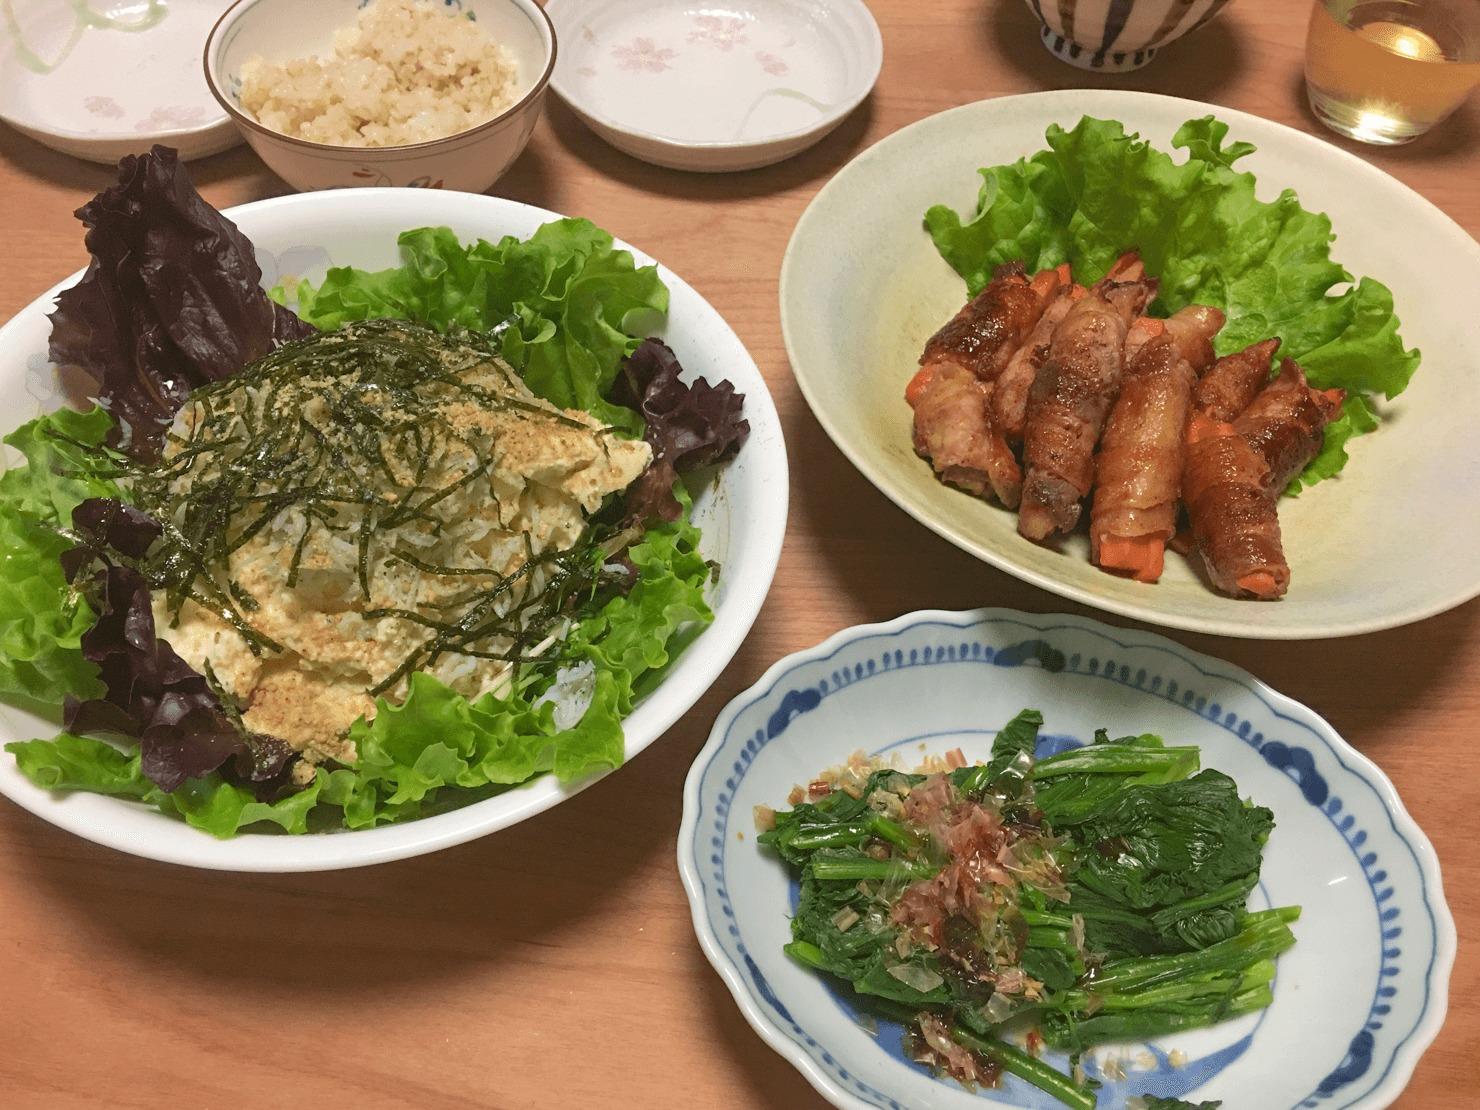 人参の肉巻き中心の晩御飯の写真